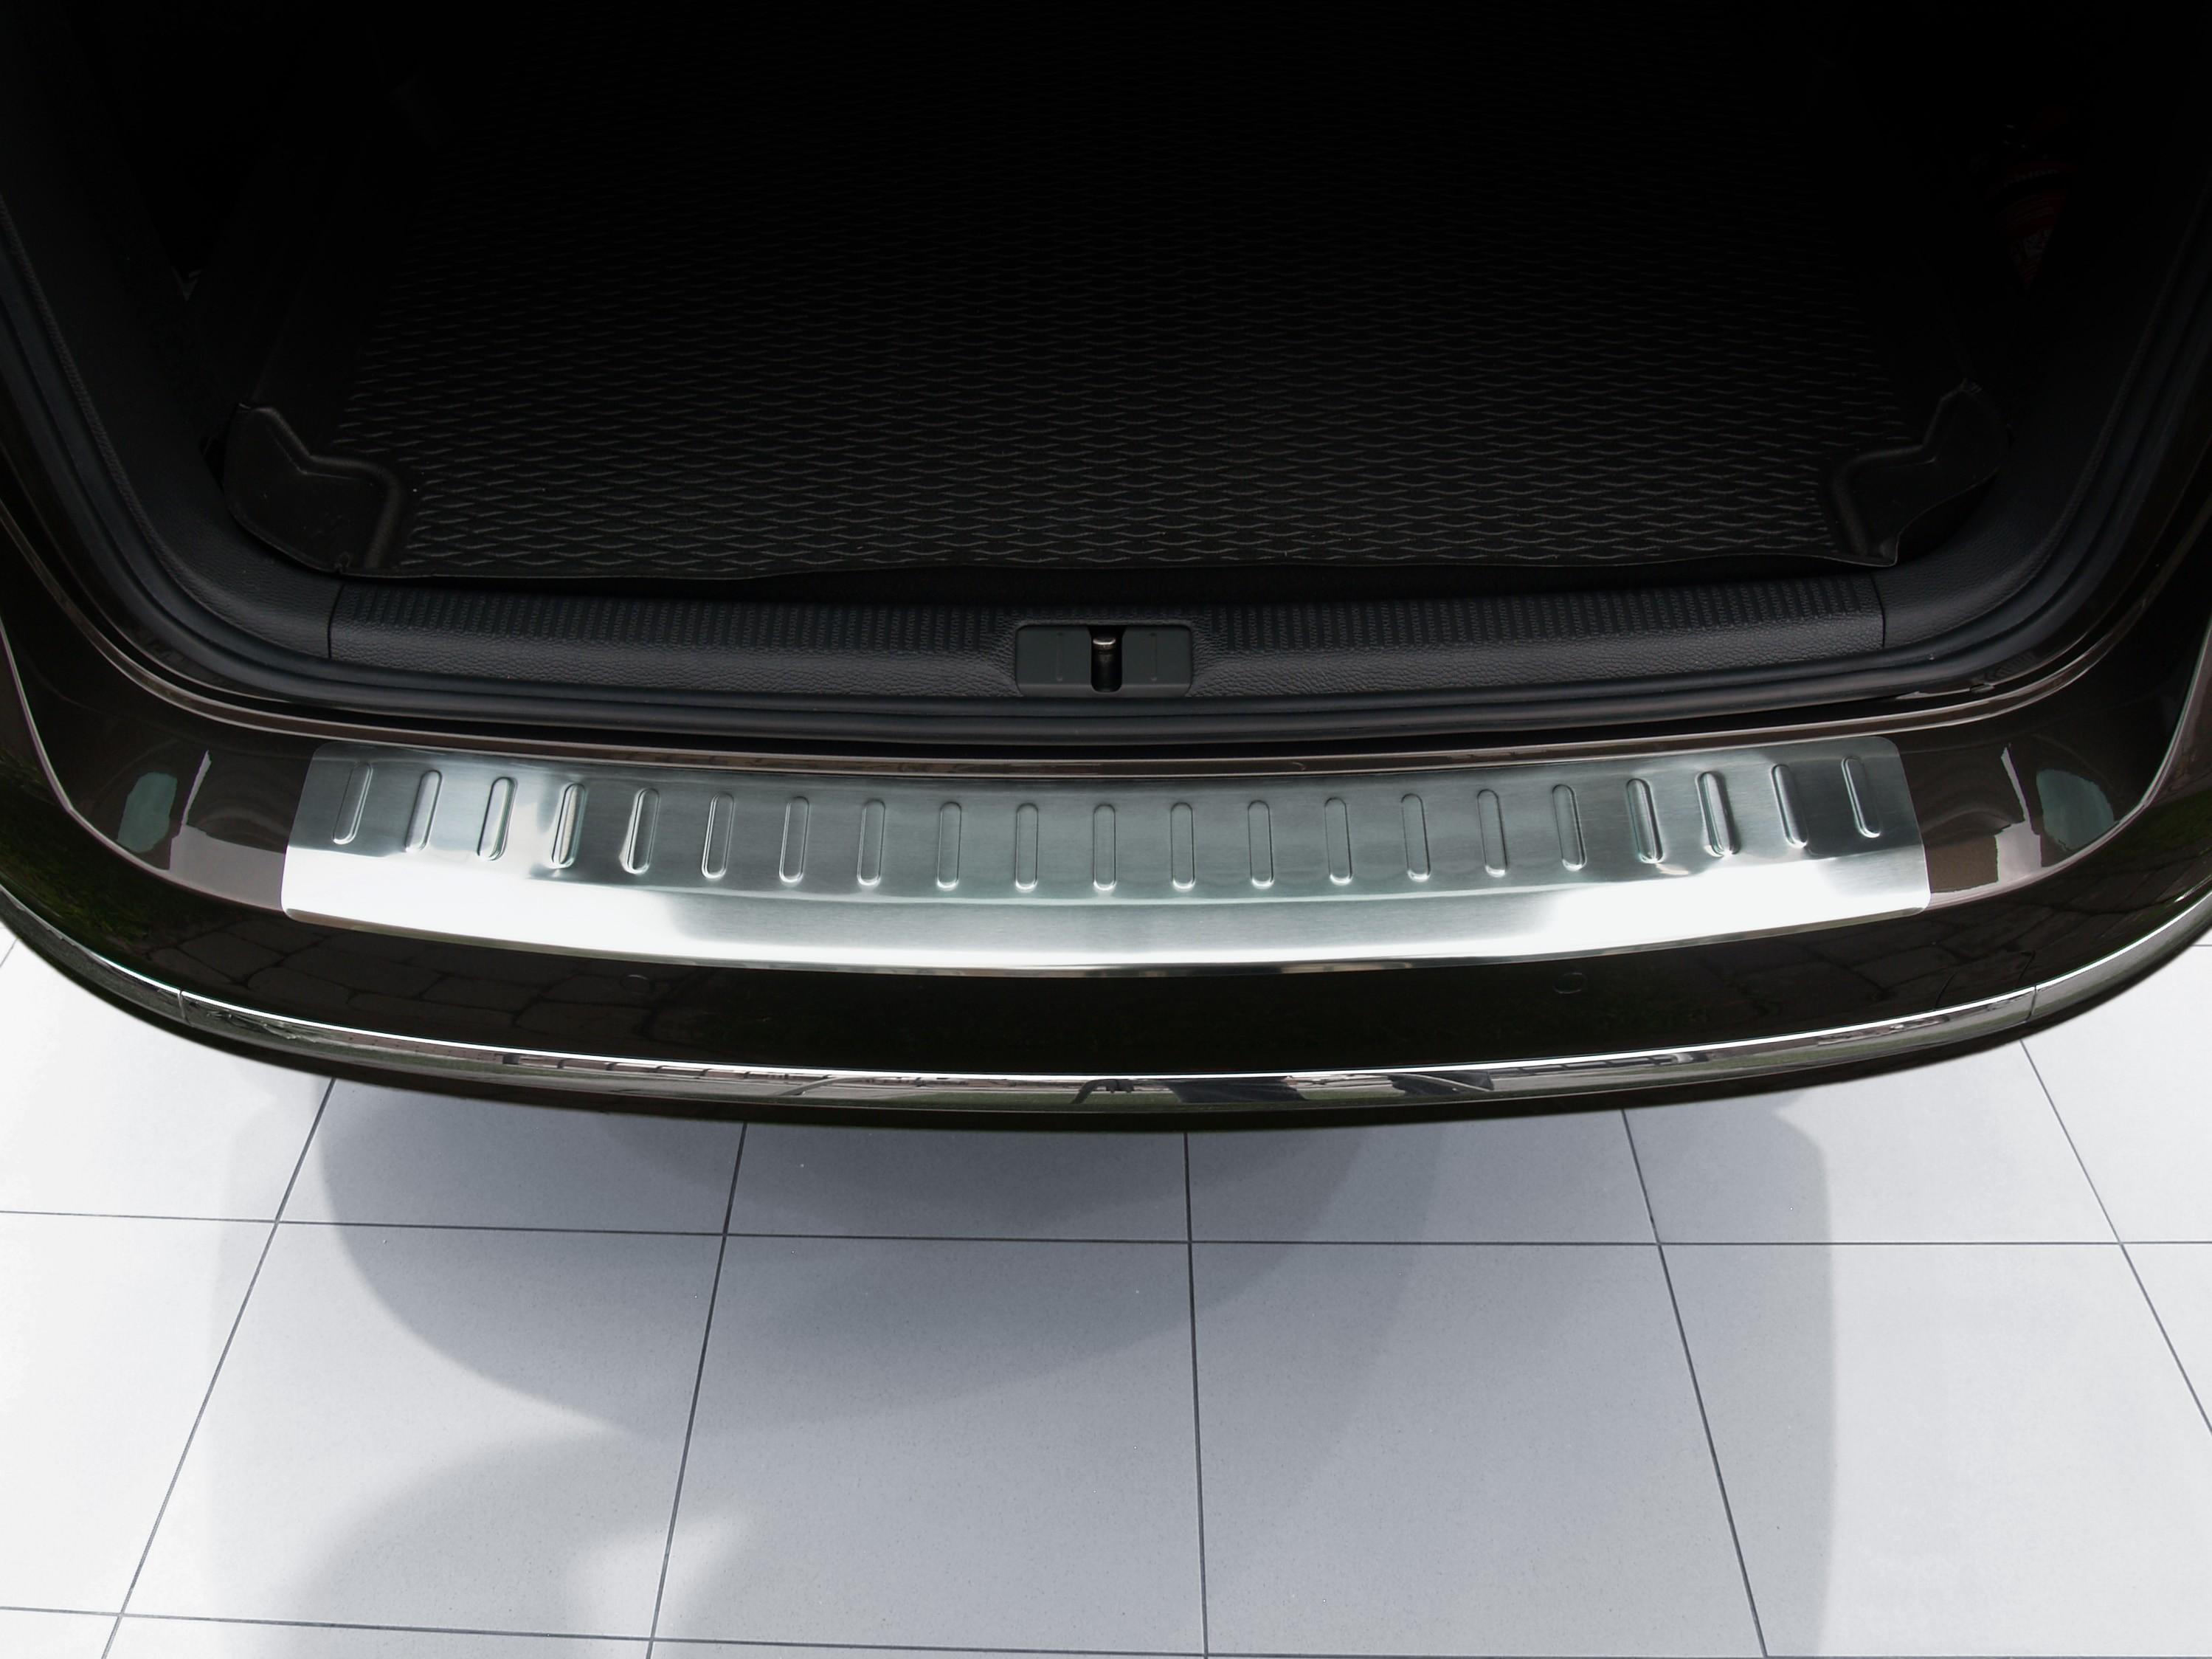 Volkswagen PASSAT B7 variant profiled ribs 2011-2014